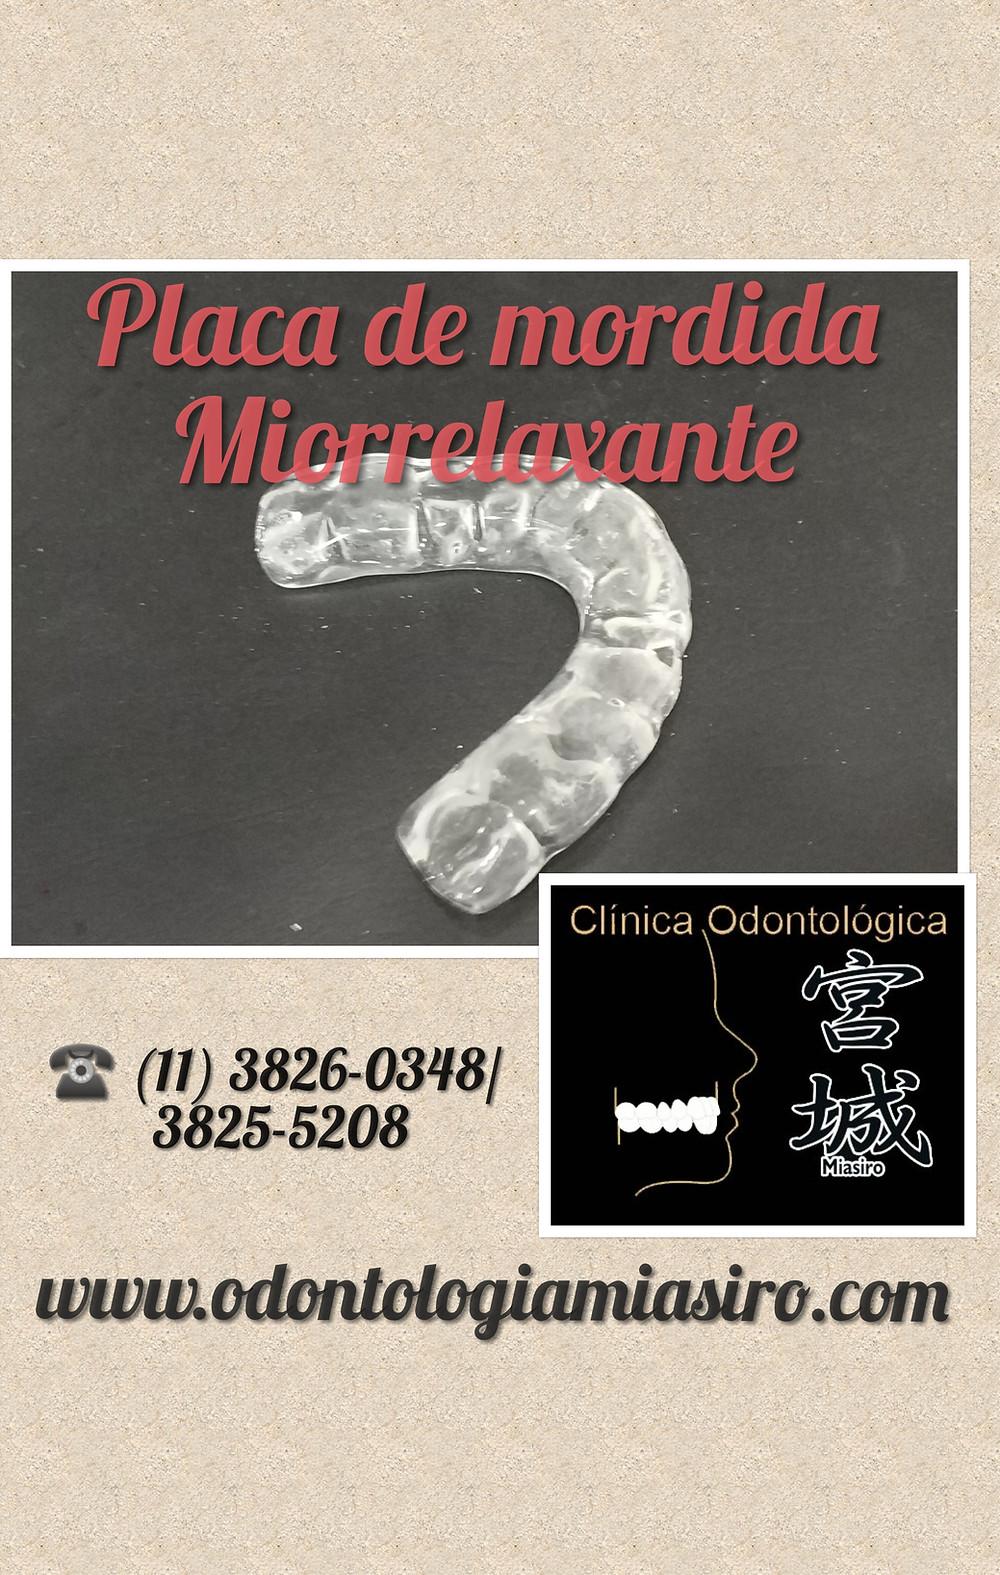 placa de mordida www.odontologiamiasiro.com